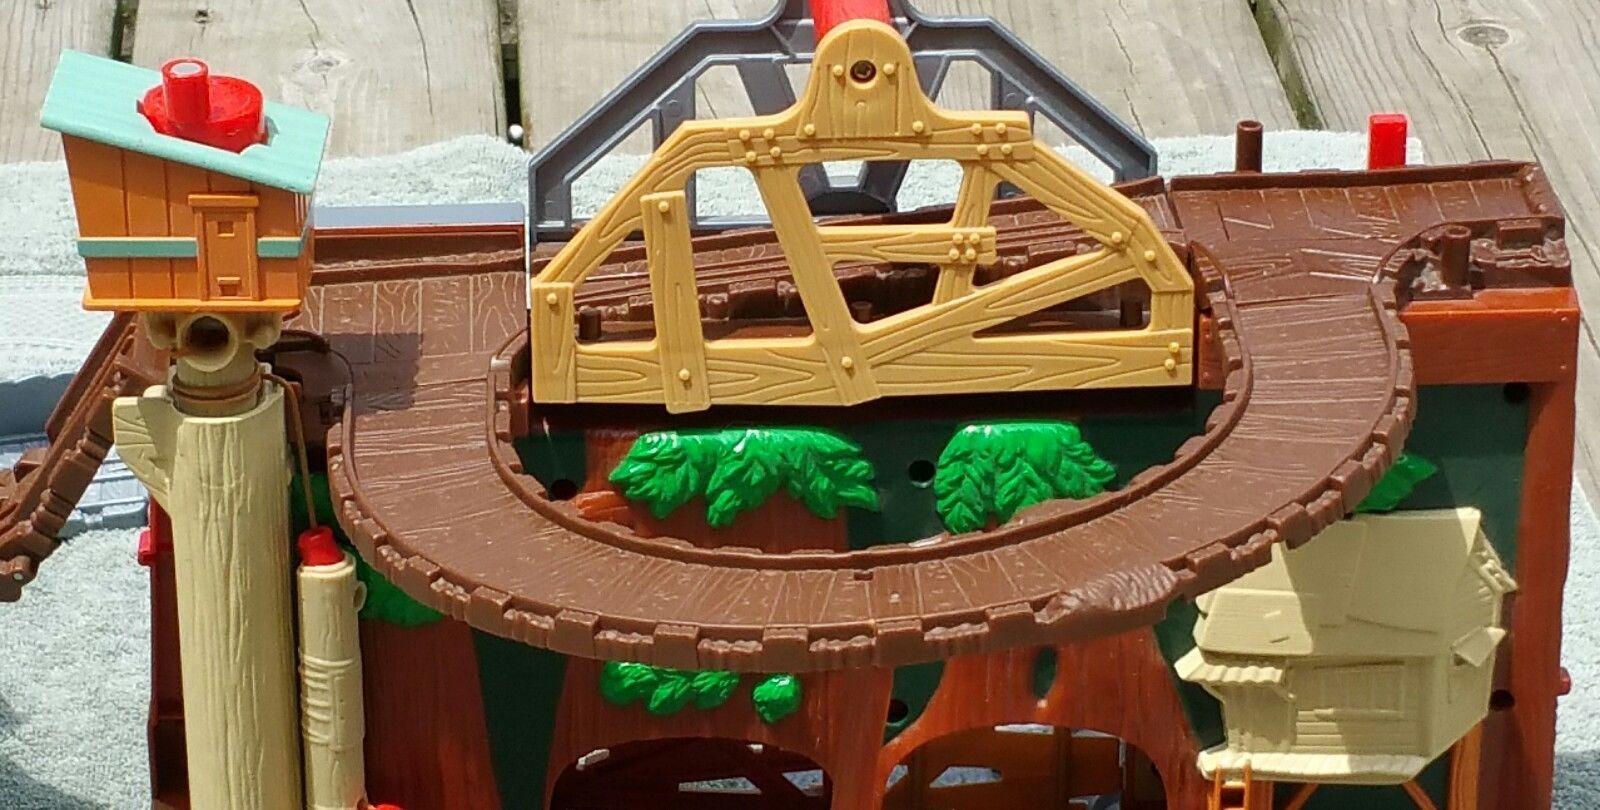 Thomas Tank Engine Misty Island Shake Bridge and 50 similar items